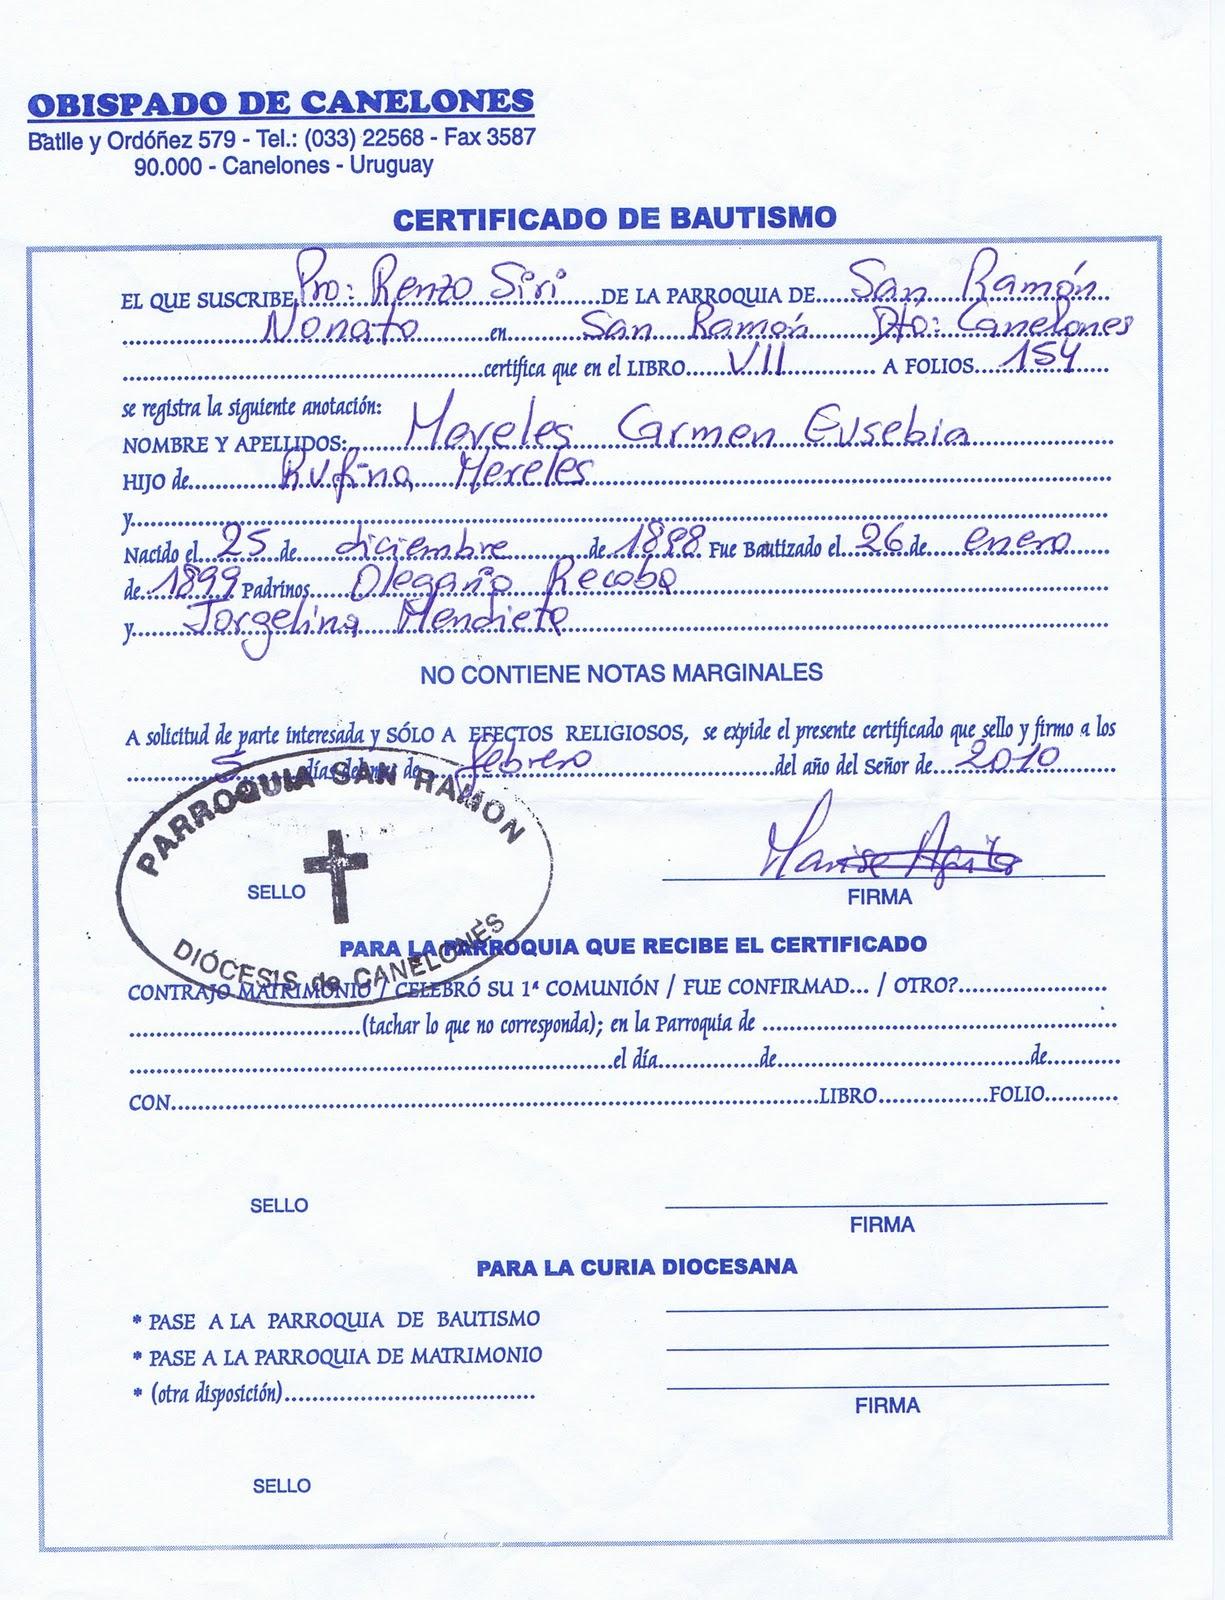 Acta De Matrimonio Catolico : Certificado de bautismo catolico imagui